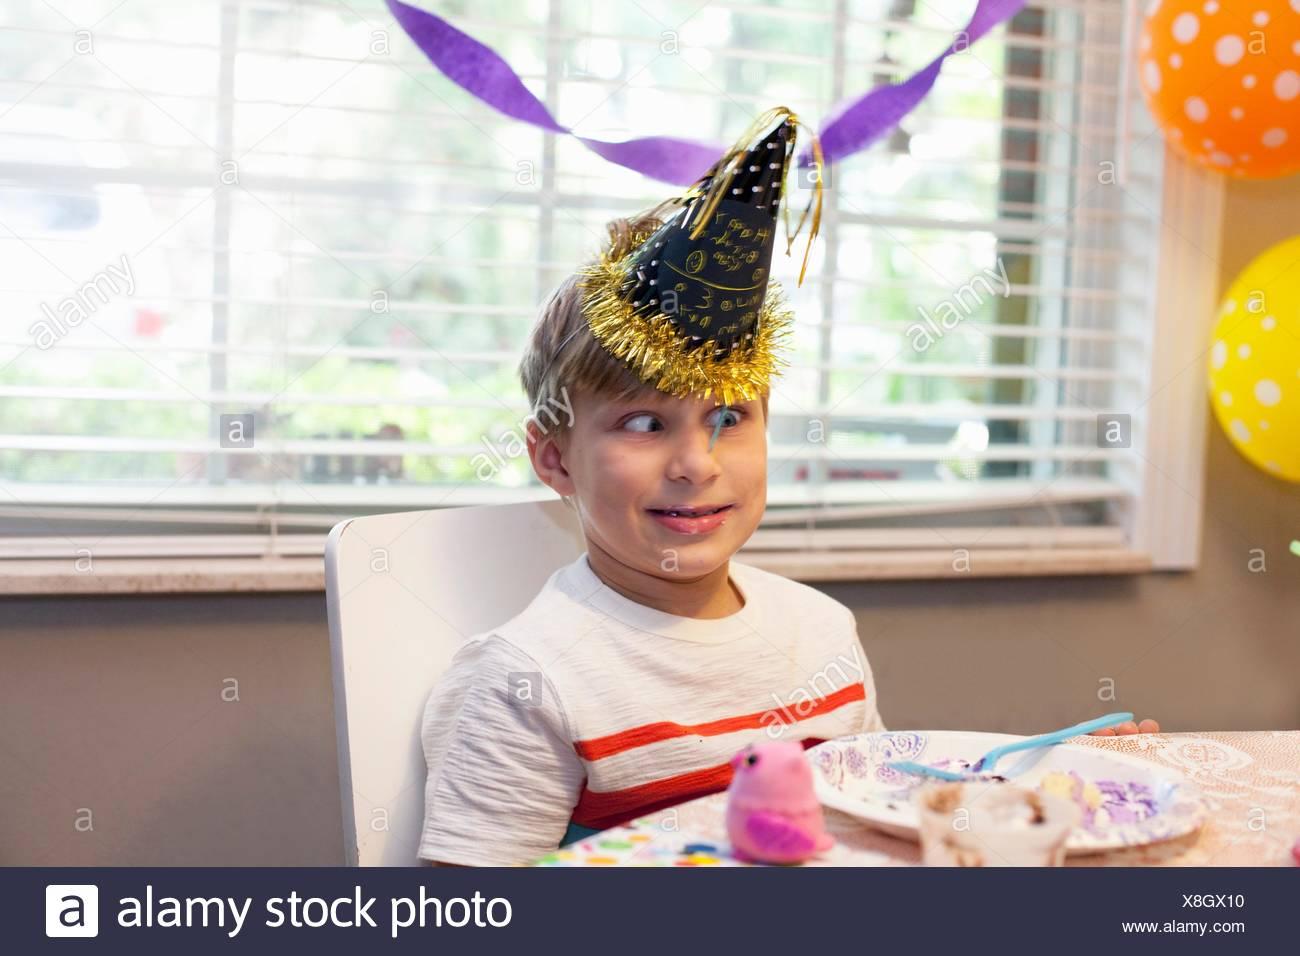 Muchacho de gorro de fiesta sentado en una mesa comiendo pastel de cumpleaños tirando cara divertida Imagen De Stock